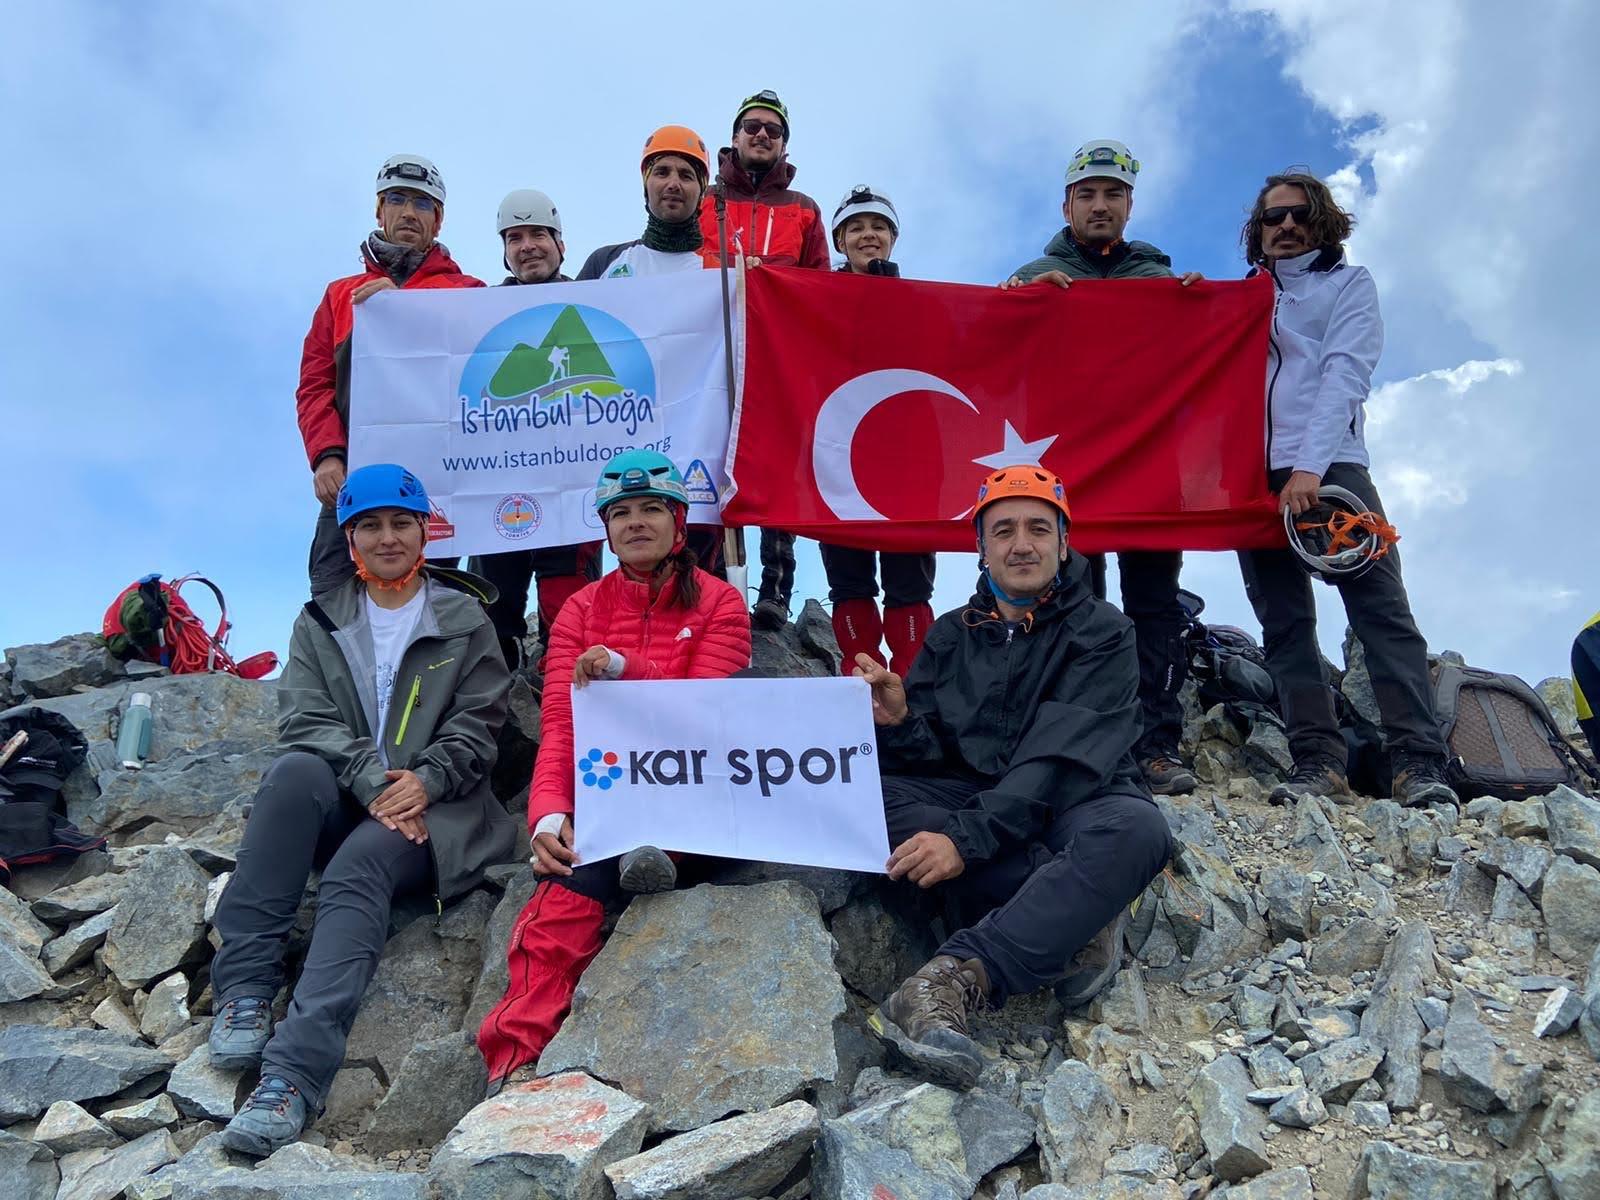 İstanbul Doğa Sporları Kulübü Kaçkar Dağı zirve tırmanışını gerçekleştirdi.